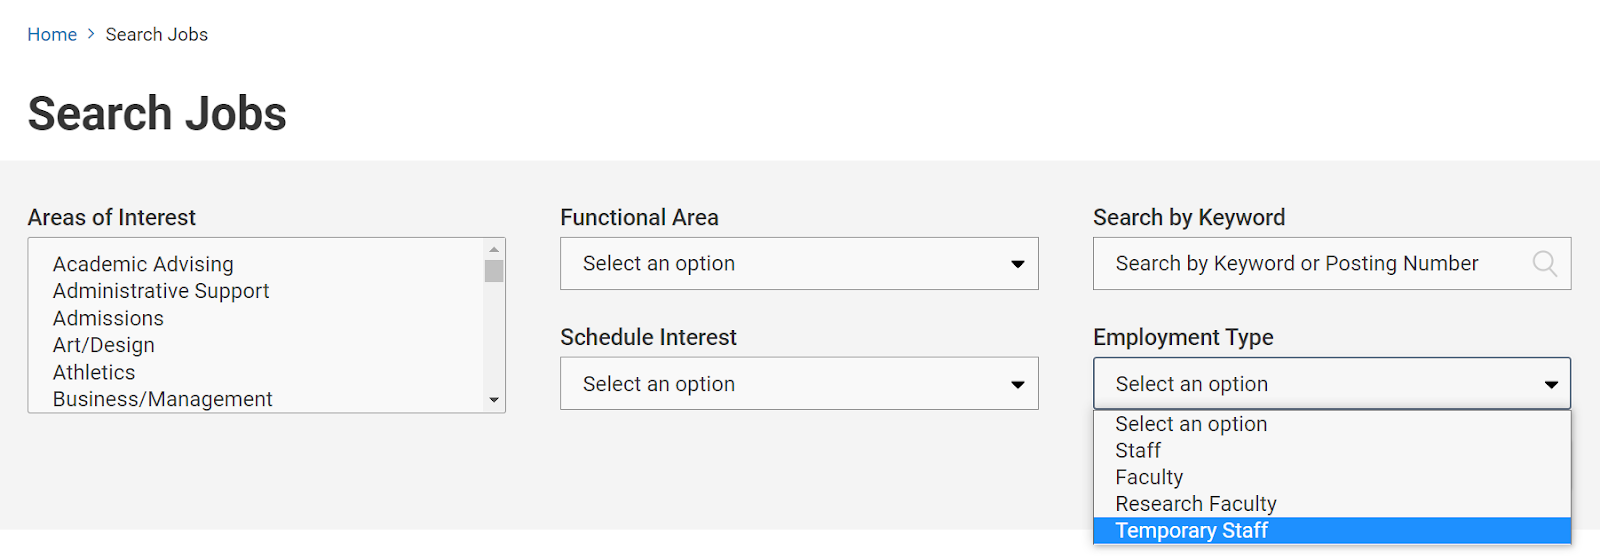 screen shot of jobs portal